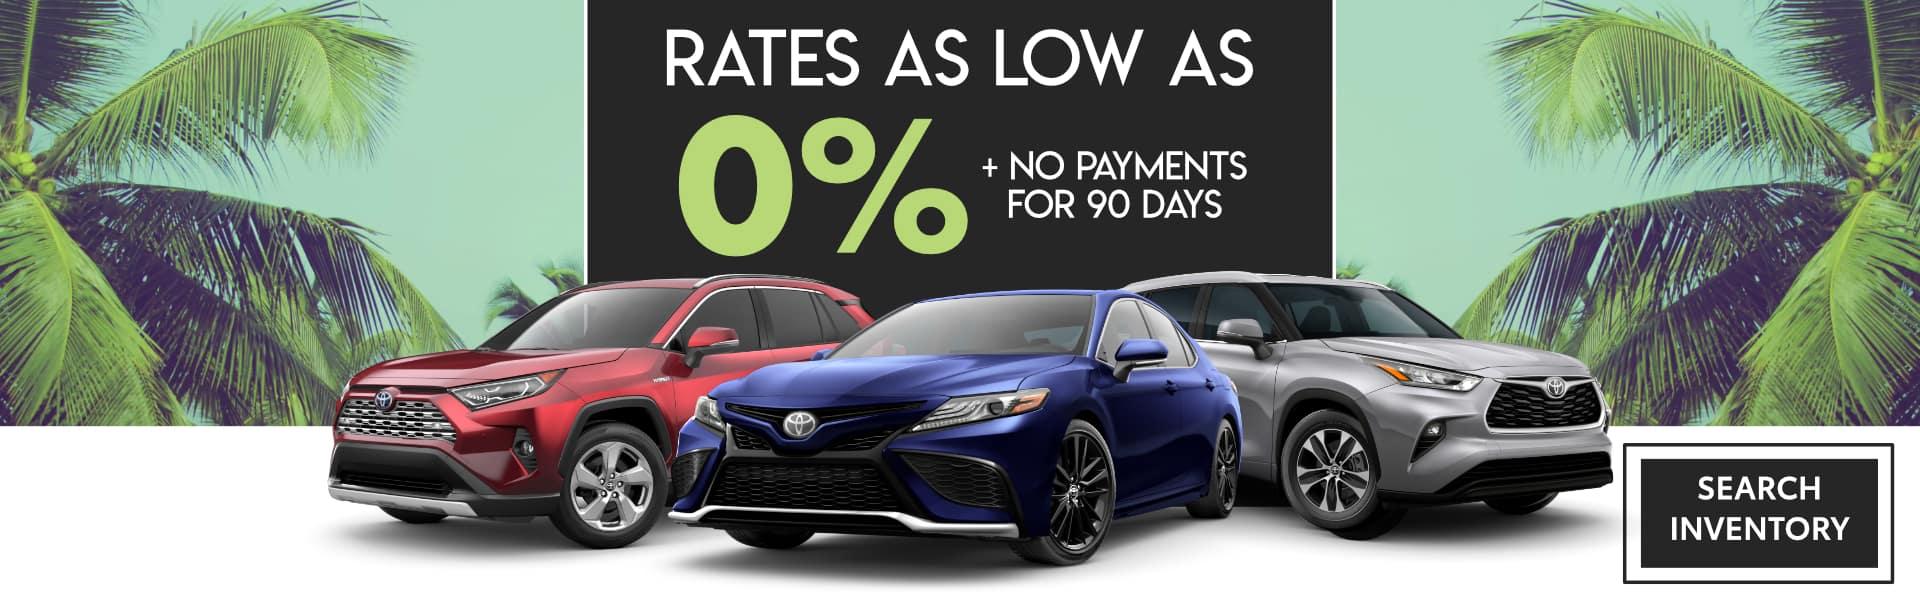 June 21 Low Rate